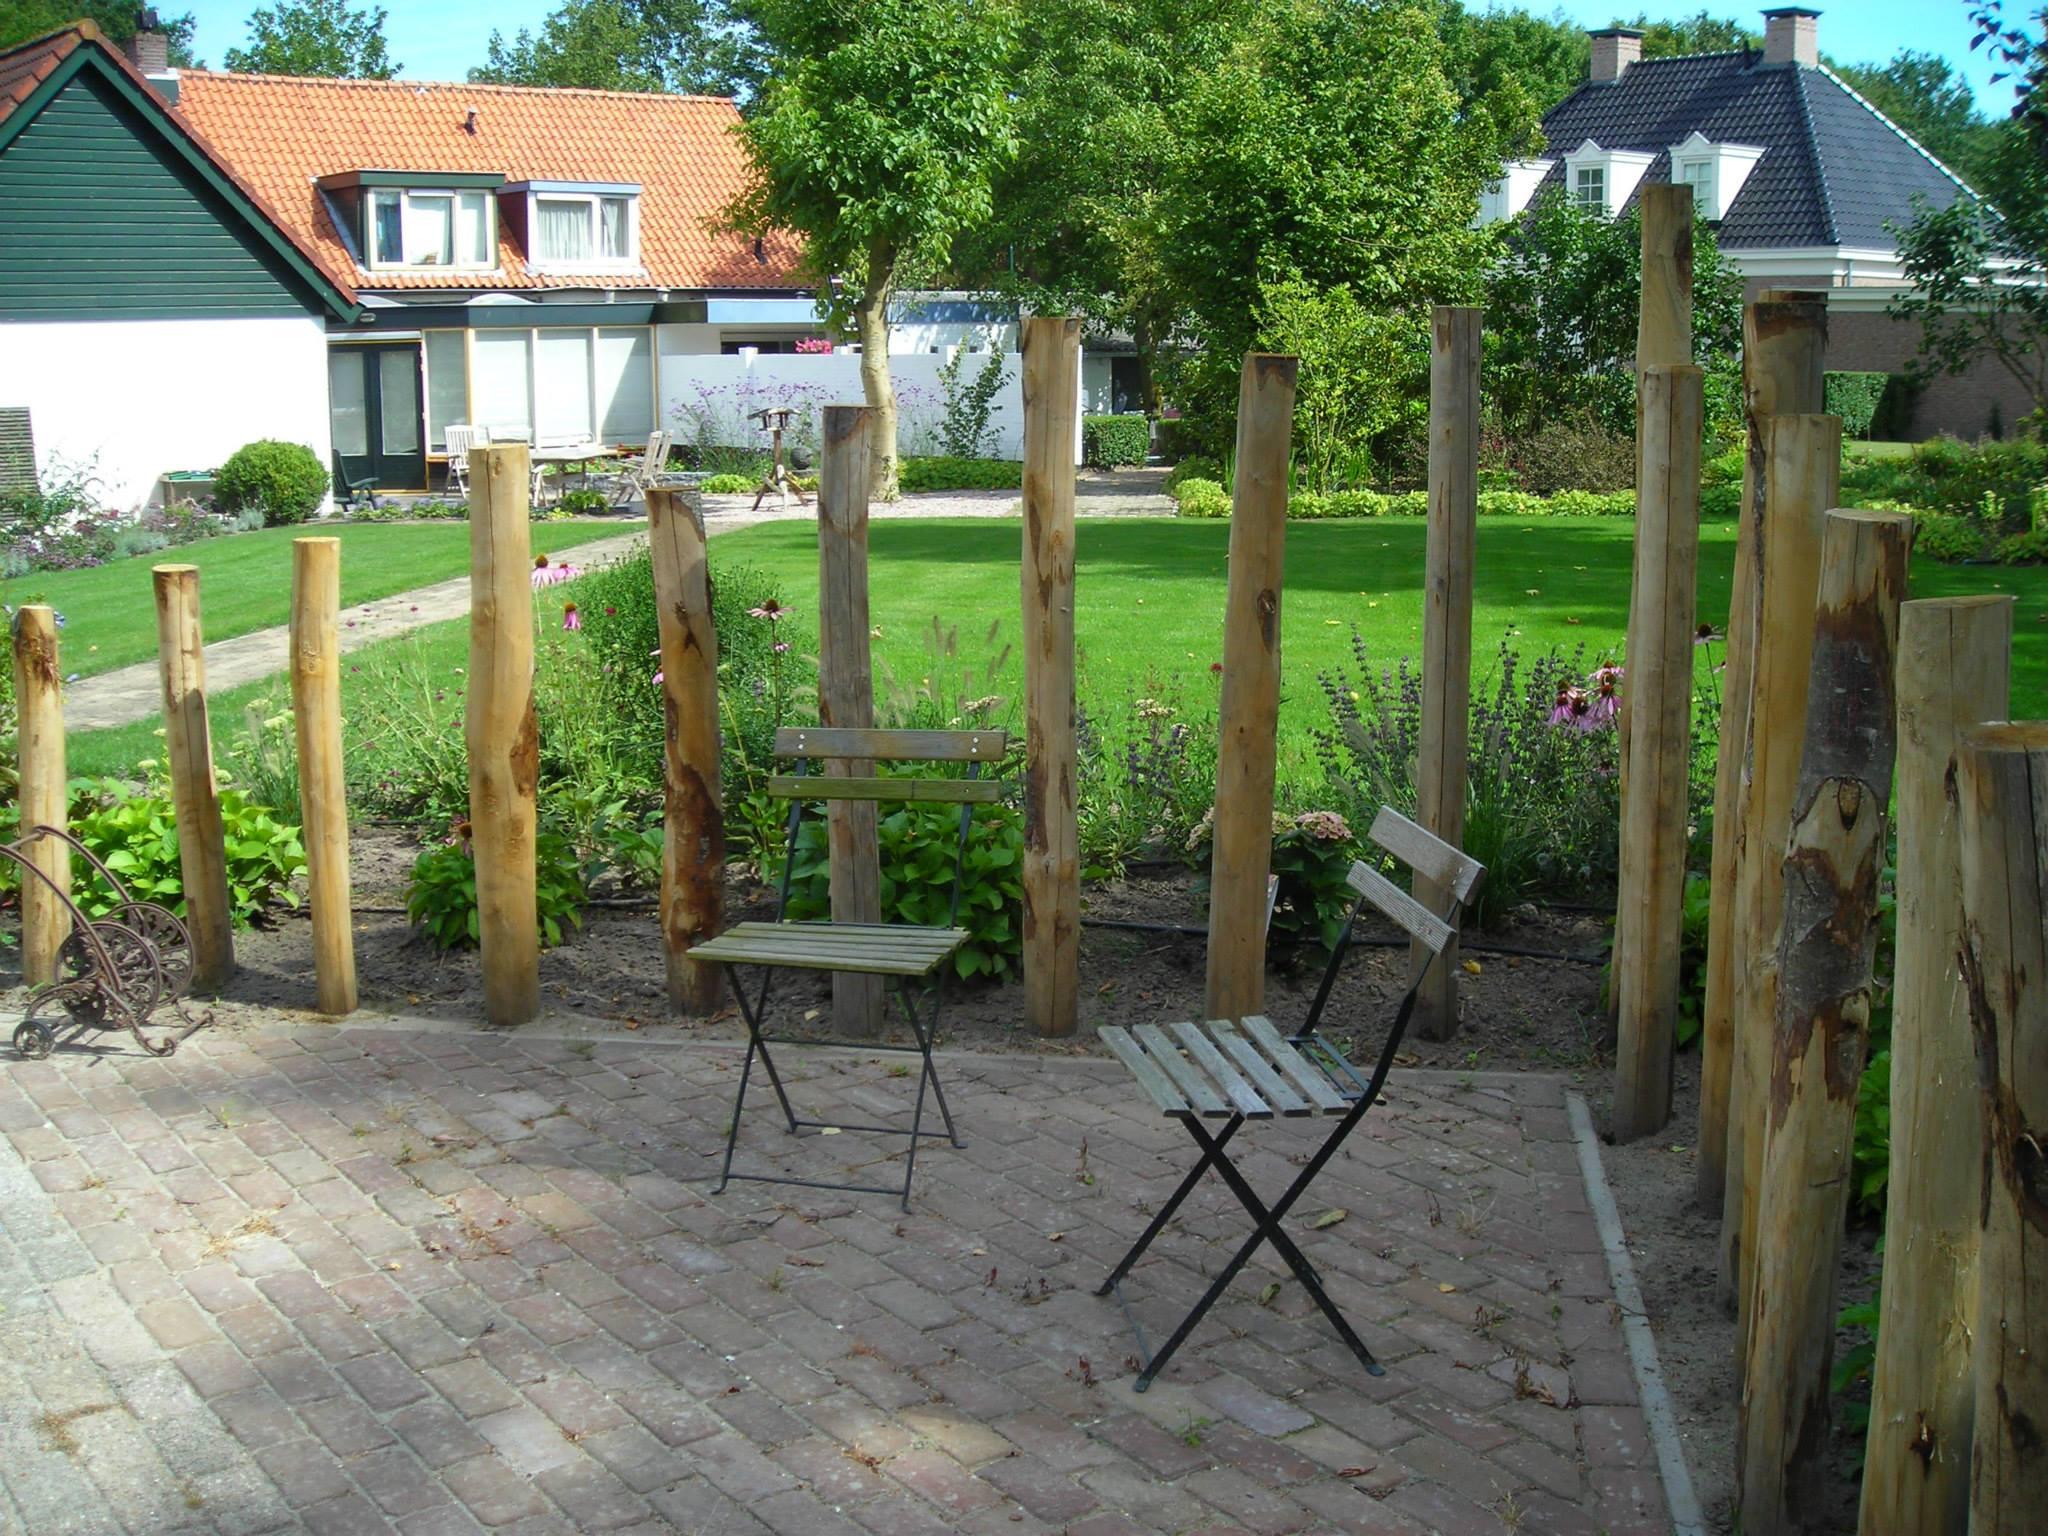 Elektra Aanleggen Tuin : Tuin aanleggen aarts hoveniersbedrijf breda